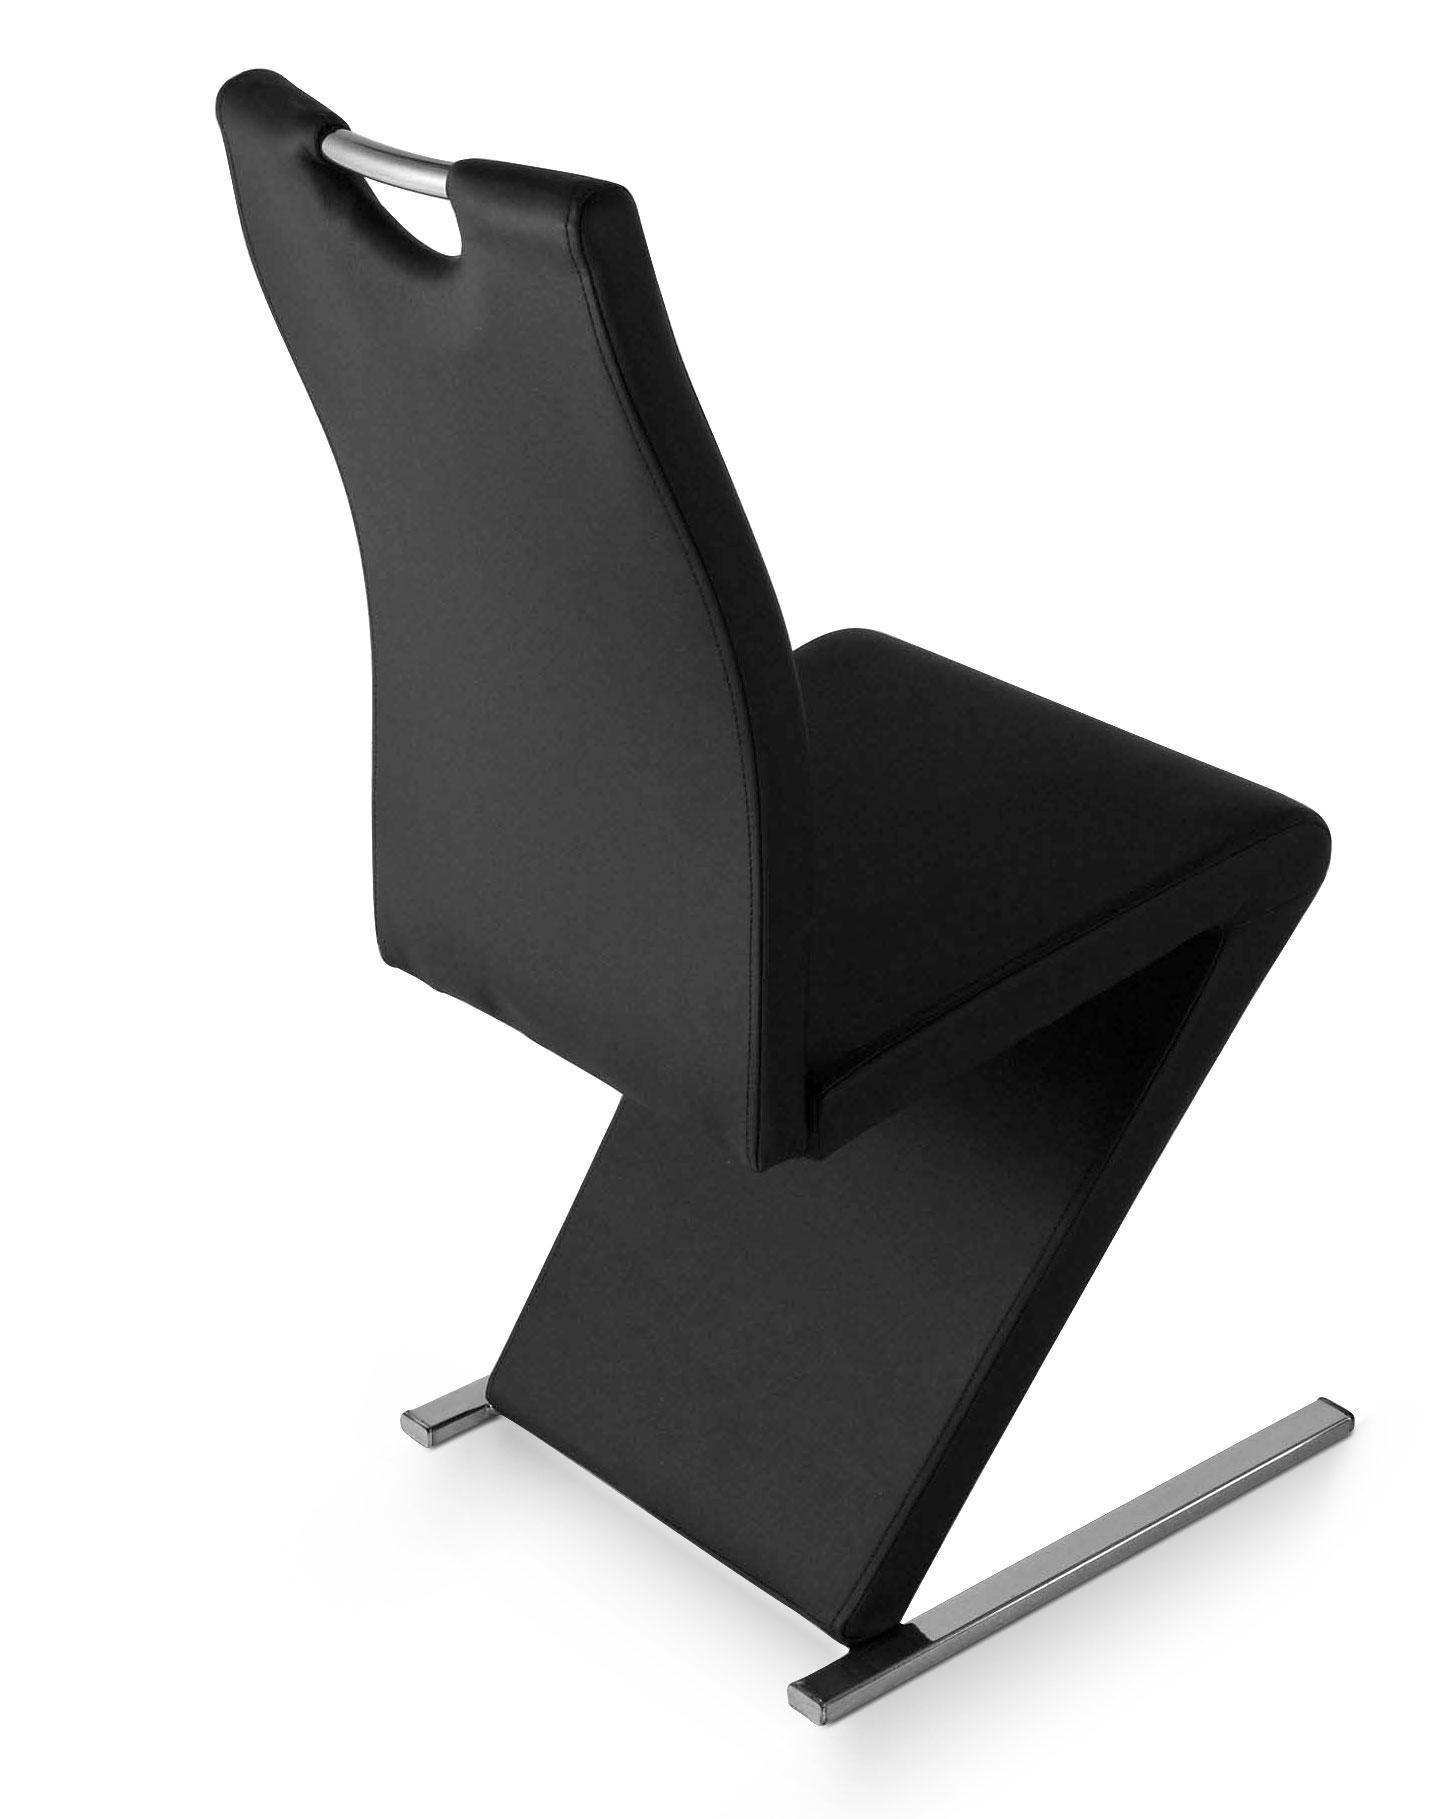 #6666663257 SAM® Design Freischwinger Stuhl Schwarz Metall JANA Auf Lager  Bild Speichern Stühle Freischwinger